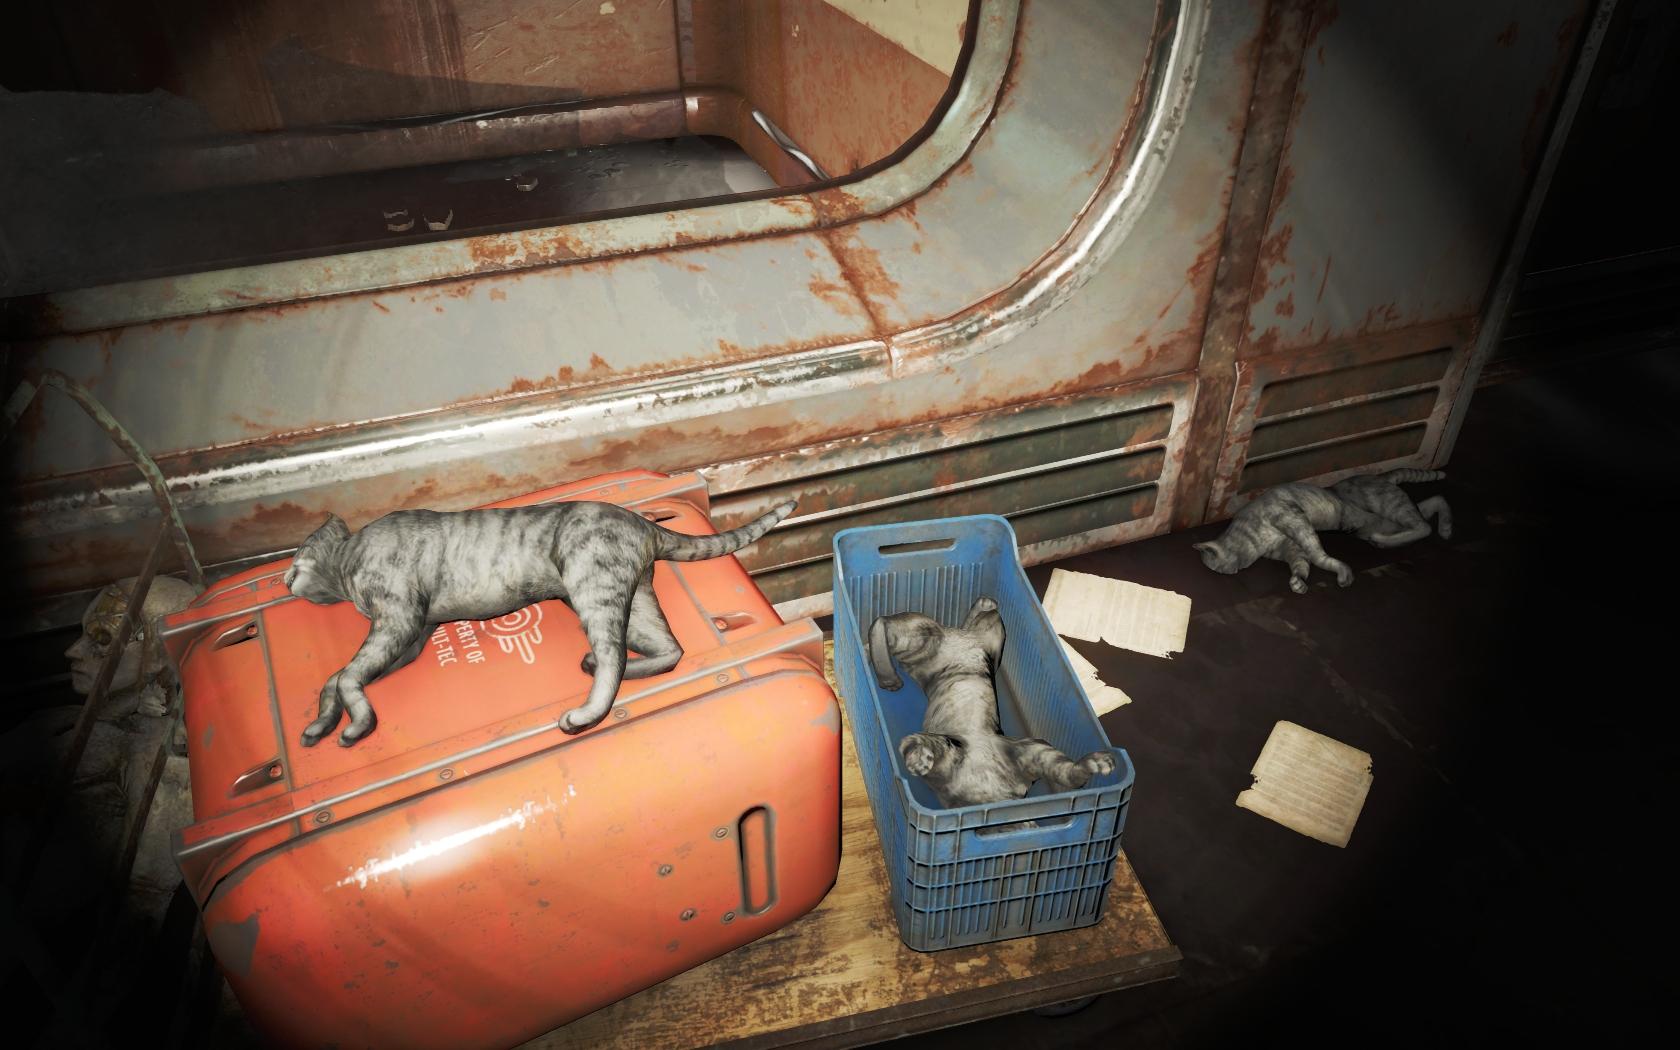 Тщательно скрываемая сторона Института #2 (Лаборатория ВРЭ Института) v2 - Fallout 4 ВРЭ, Лаборатория, Лаборатория ВРЭ